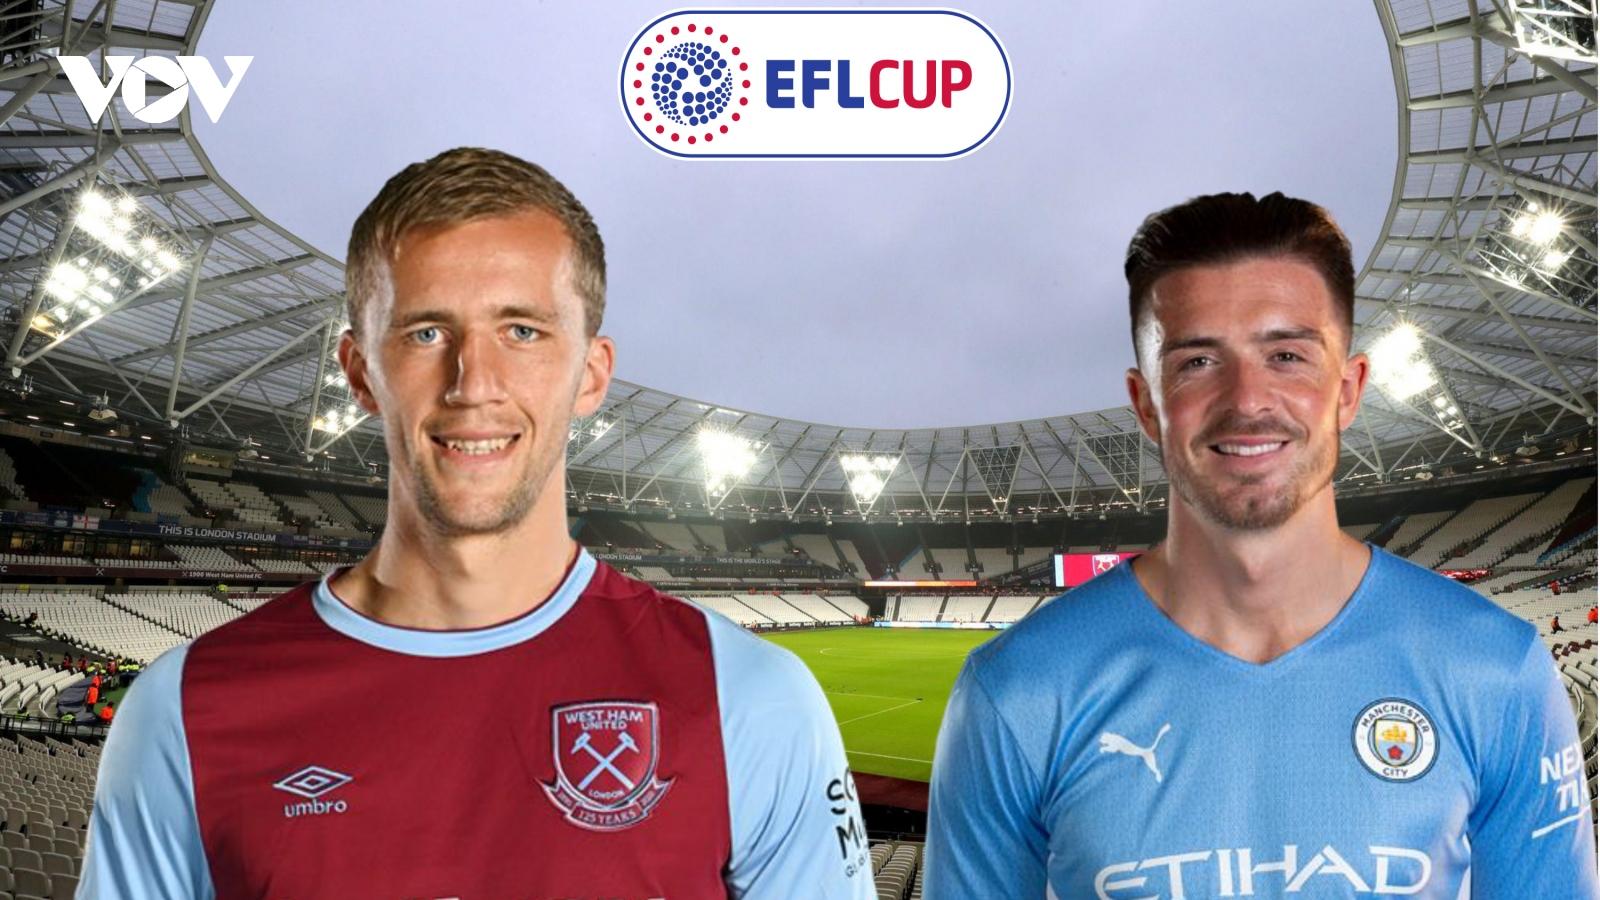 Dự đoán kết quả, đội hình xuất phát trận West Ham - Man City